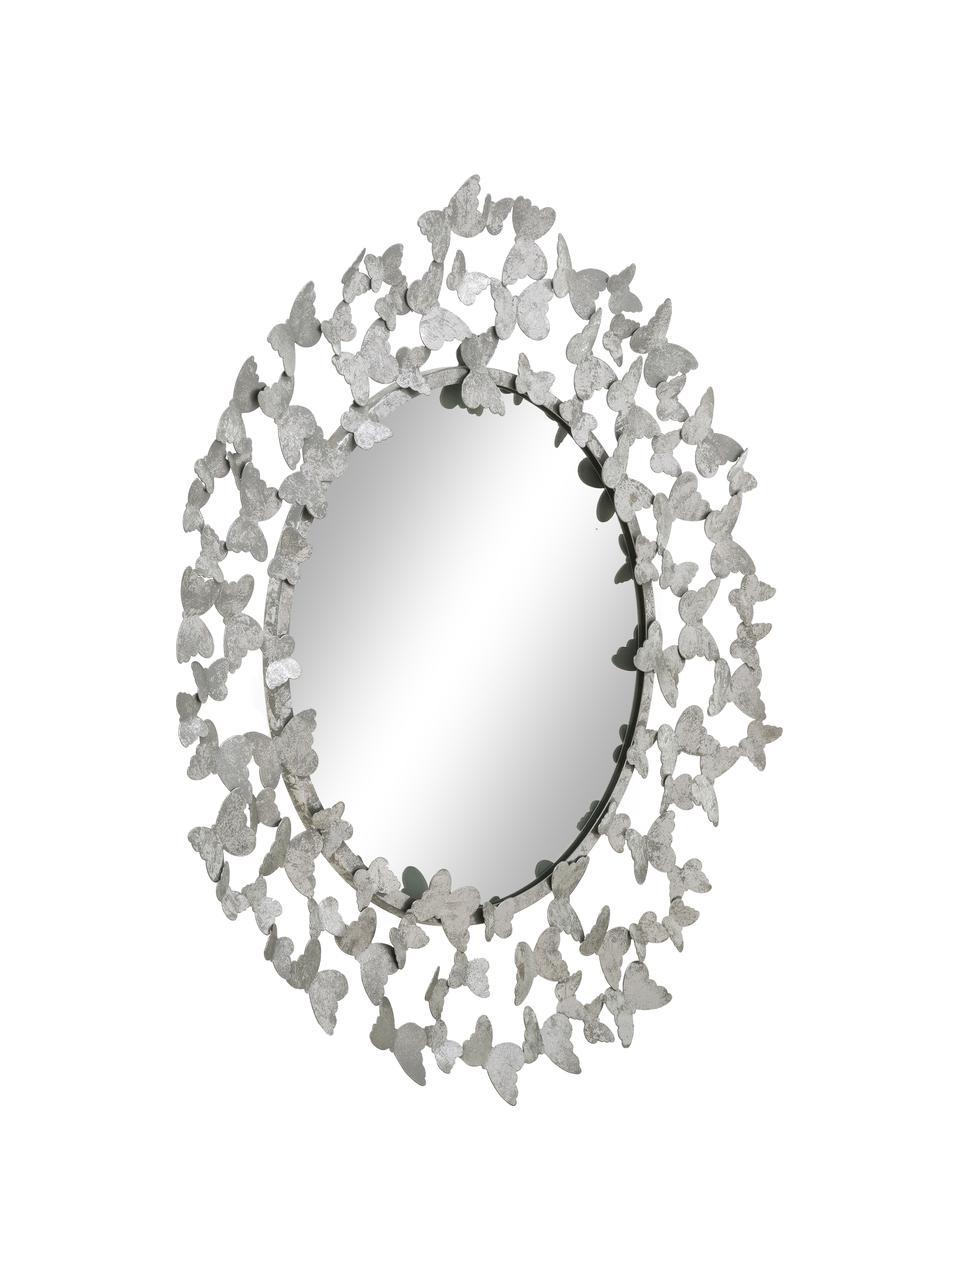 Runder Wandspiegel Butterfly mit silbernem Metallrahmen, Rahmen: Metall, Rückseite: Mitteldichte Holzfaserpla, Spiegelfläche: Spiegelglas, Silberfarben, Ø 67 x T 4 cm